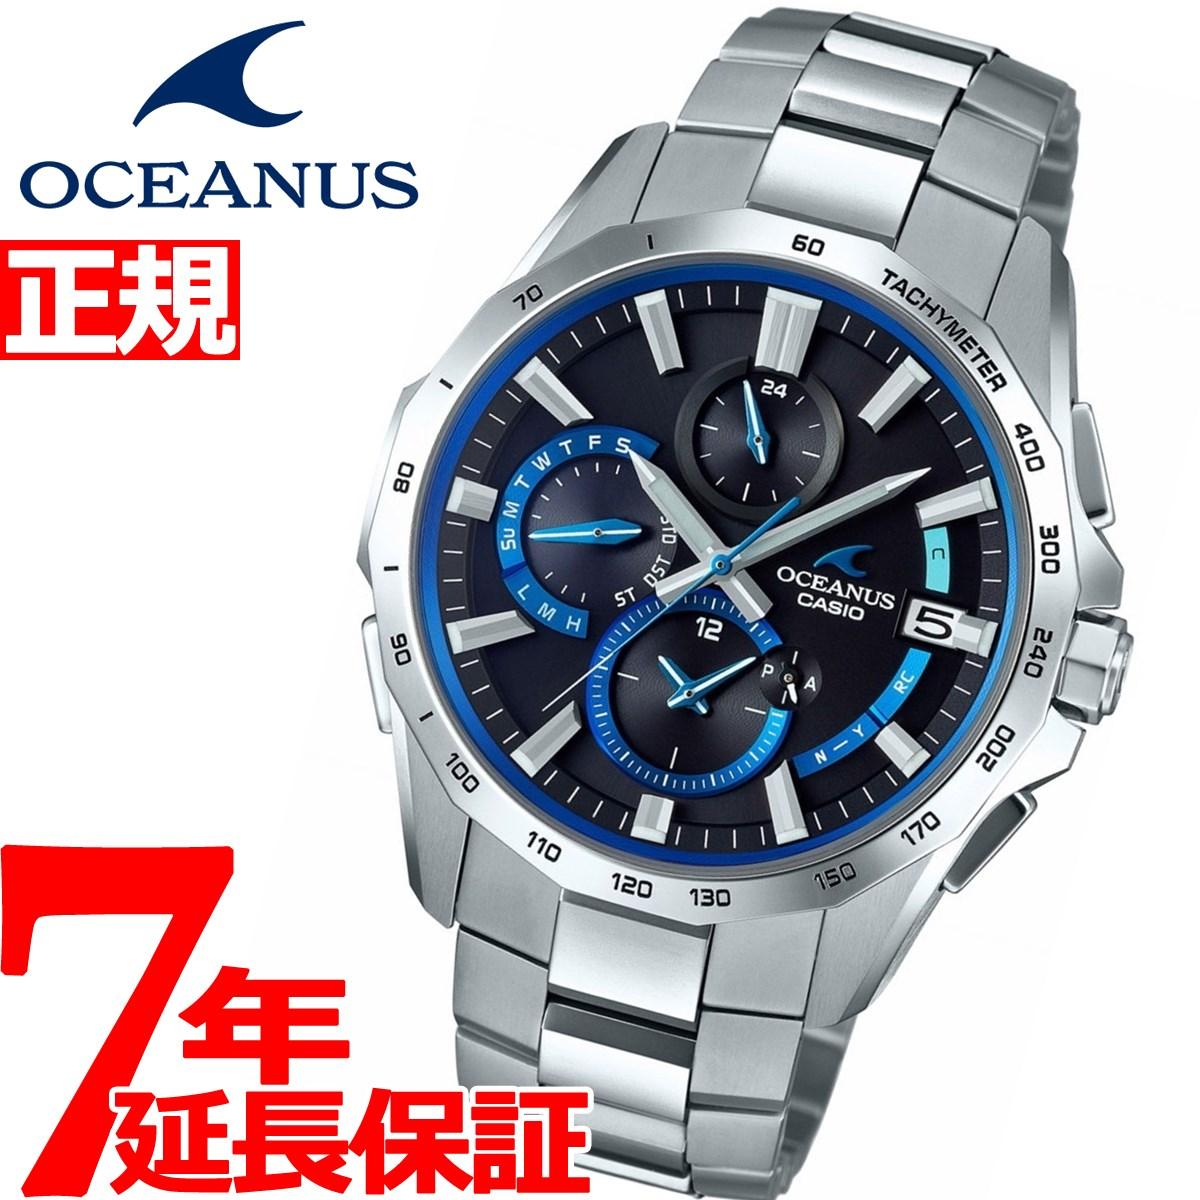 カシオ オシアナス マンタ CASIO OCEANUS Manta 電波 ソーラー 腕時計 メンズ アナログ タフソーラー OCW-S4000-1AJF【2018 新作】